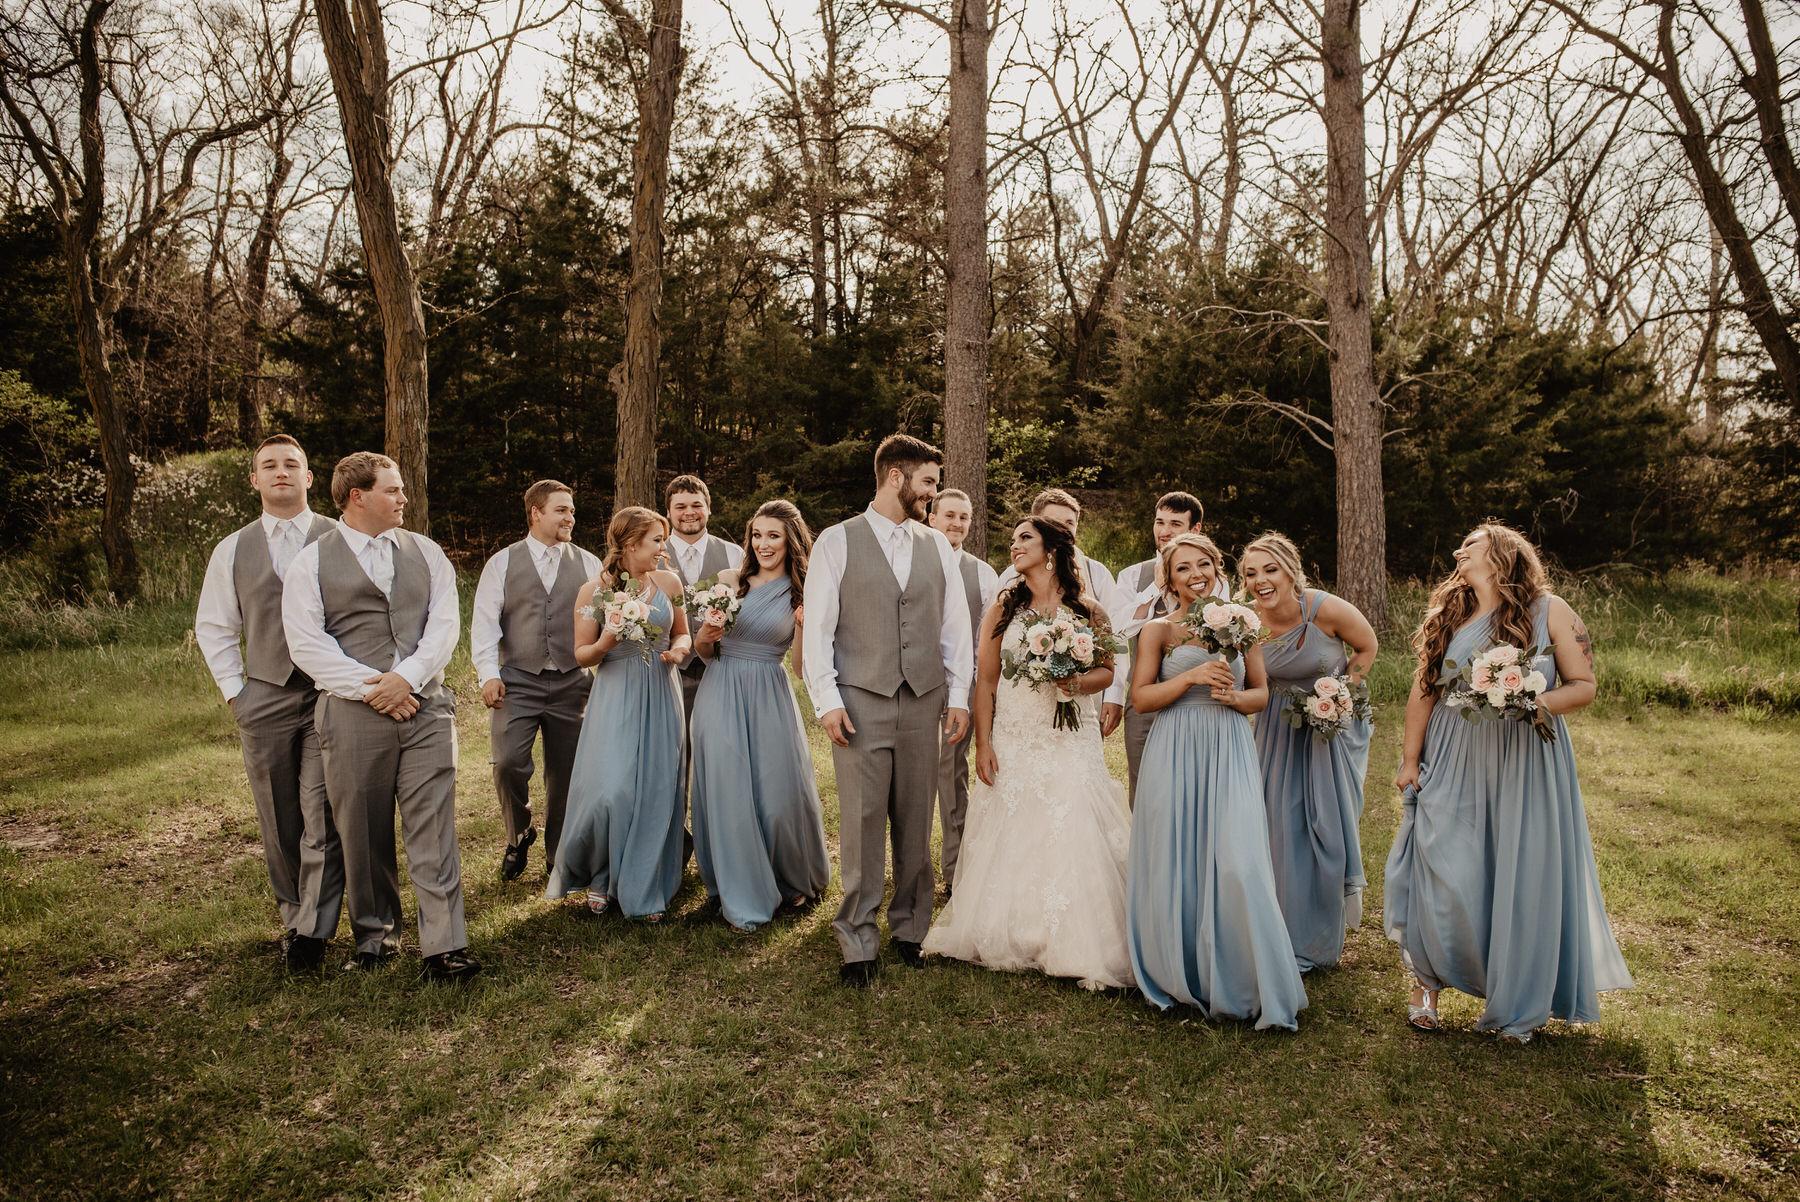 Kaylie-Sirek-Photography-Kearney-Nebraska-Wedding-071.jpg